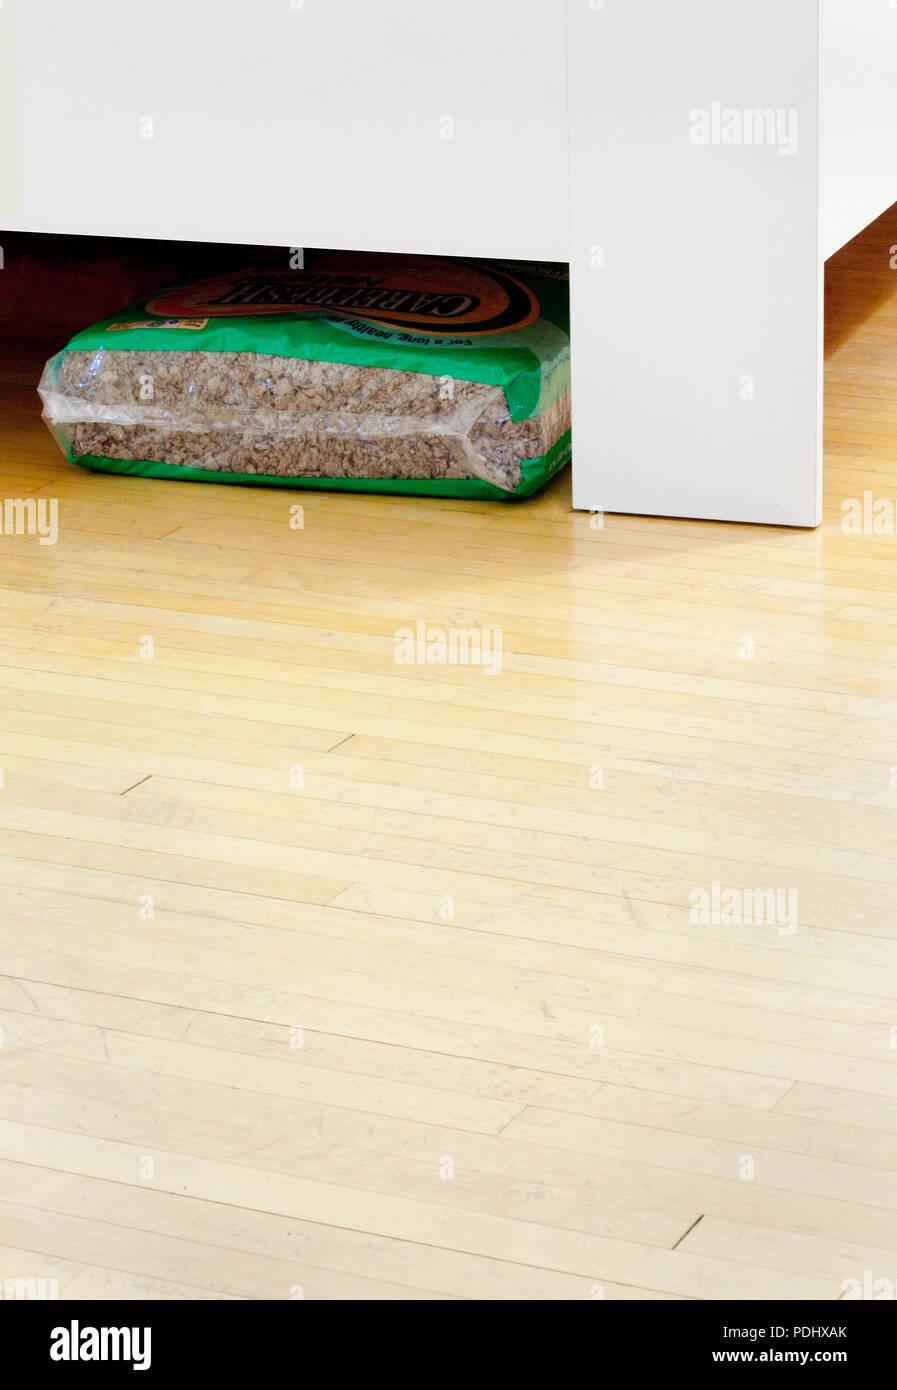 Eine Plastiktüte mit Hamster- oder wüstenrennmaus Bettwäsche aus pflanzlichen Fasern Papier, die sich unter einem Bett gespeichert ist. Stockbild